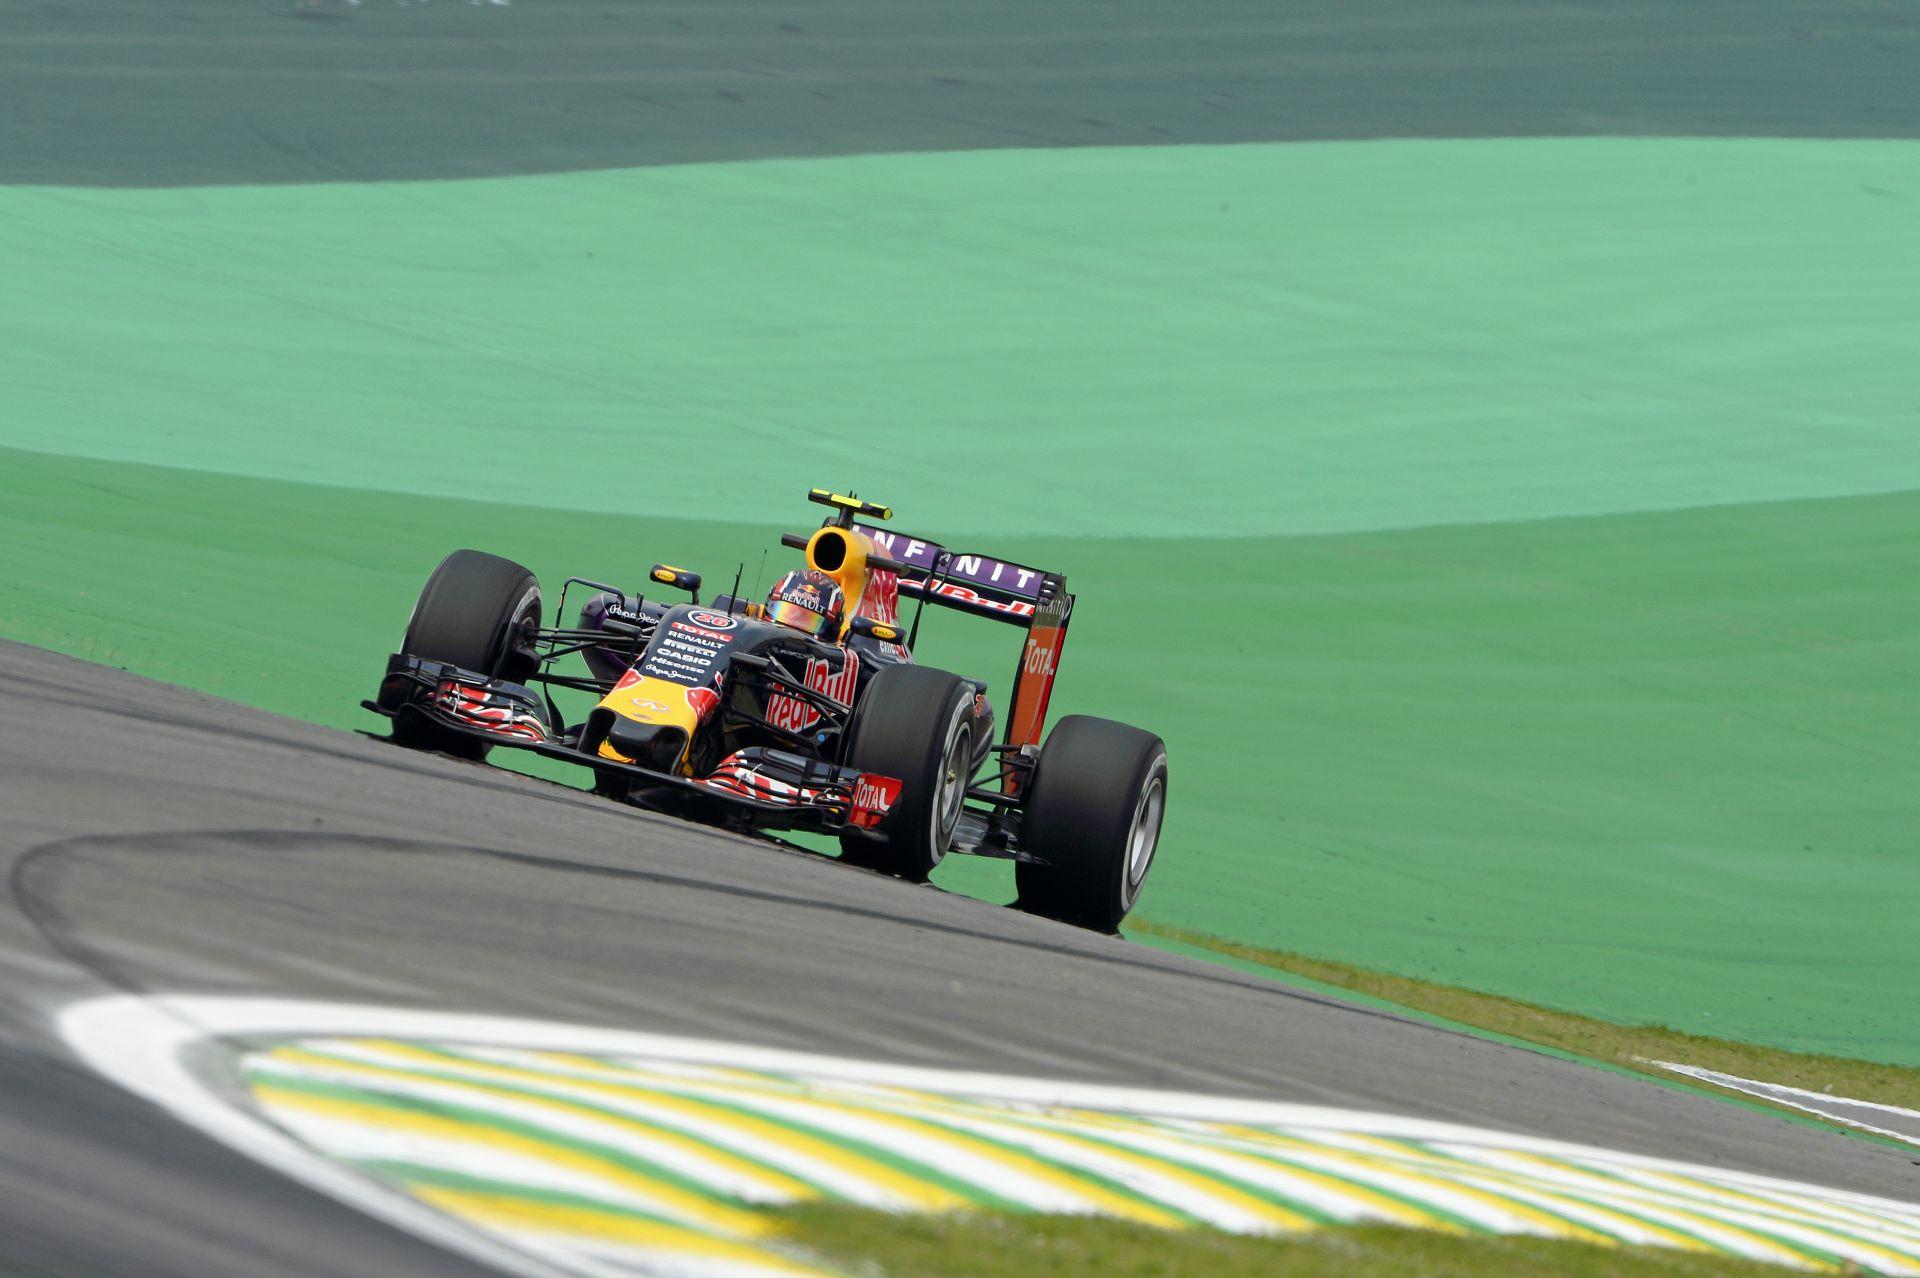 Ricciardo és Kvyat is fiatal még így nagyszerű hír, hogy jövőre is versenyezhetnek a Red Bullal!